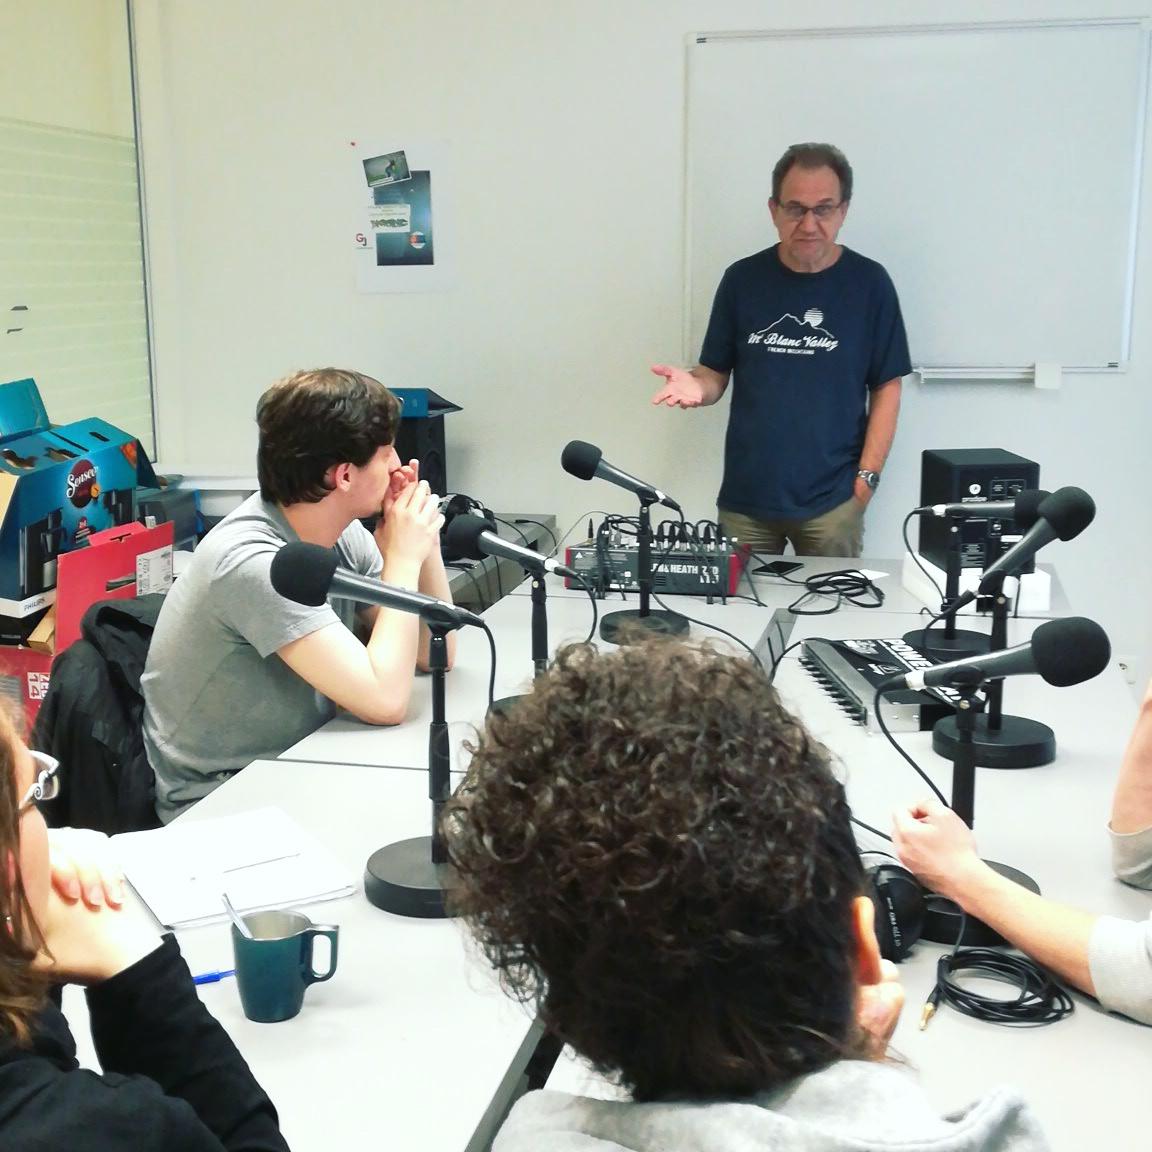 Présentation du projet aux futurs journalistes